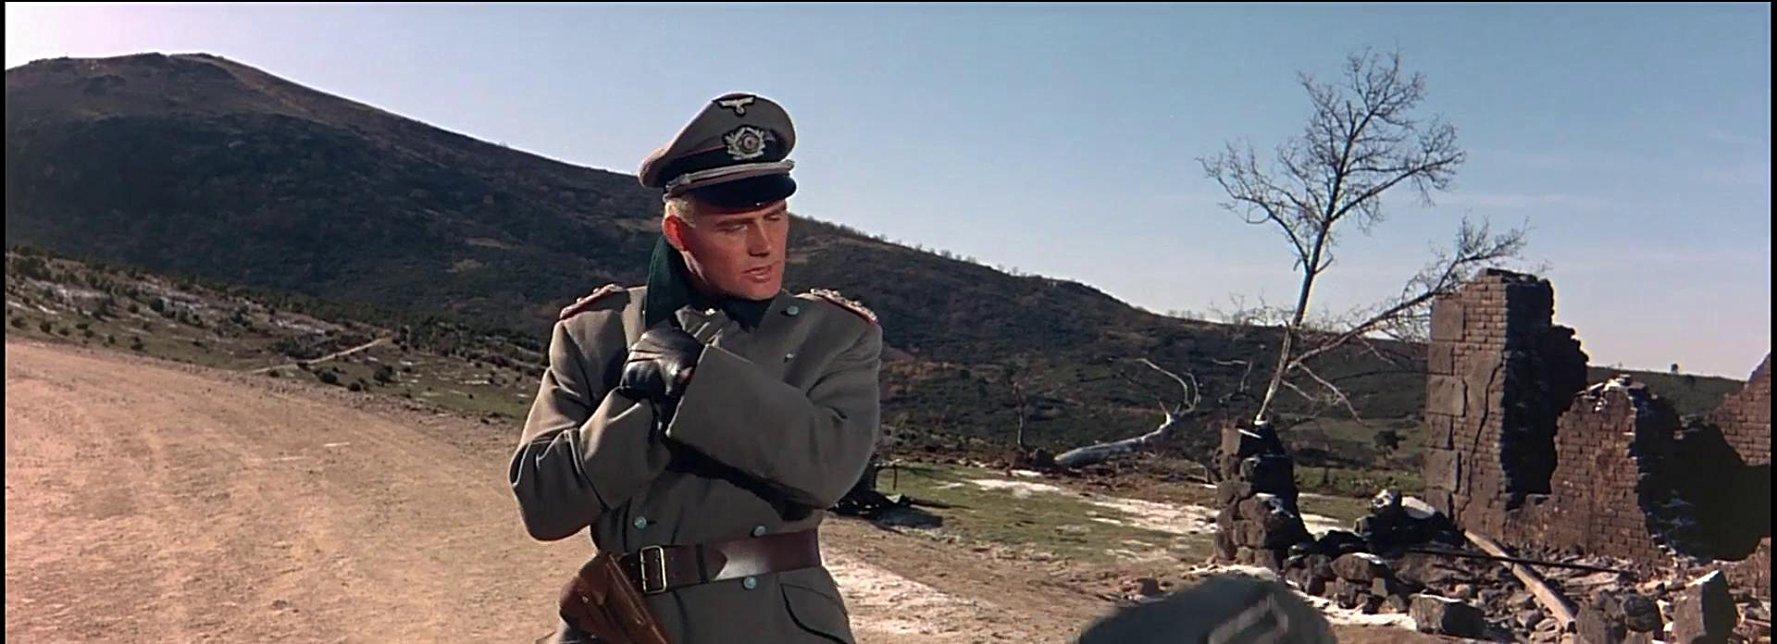 Col. Hessler